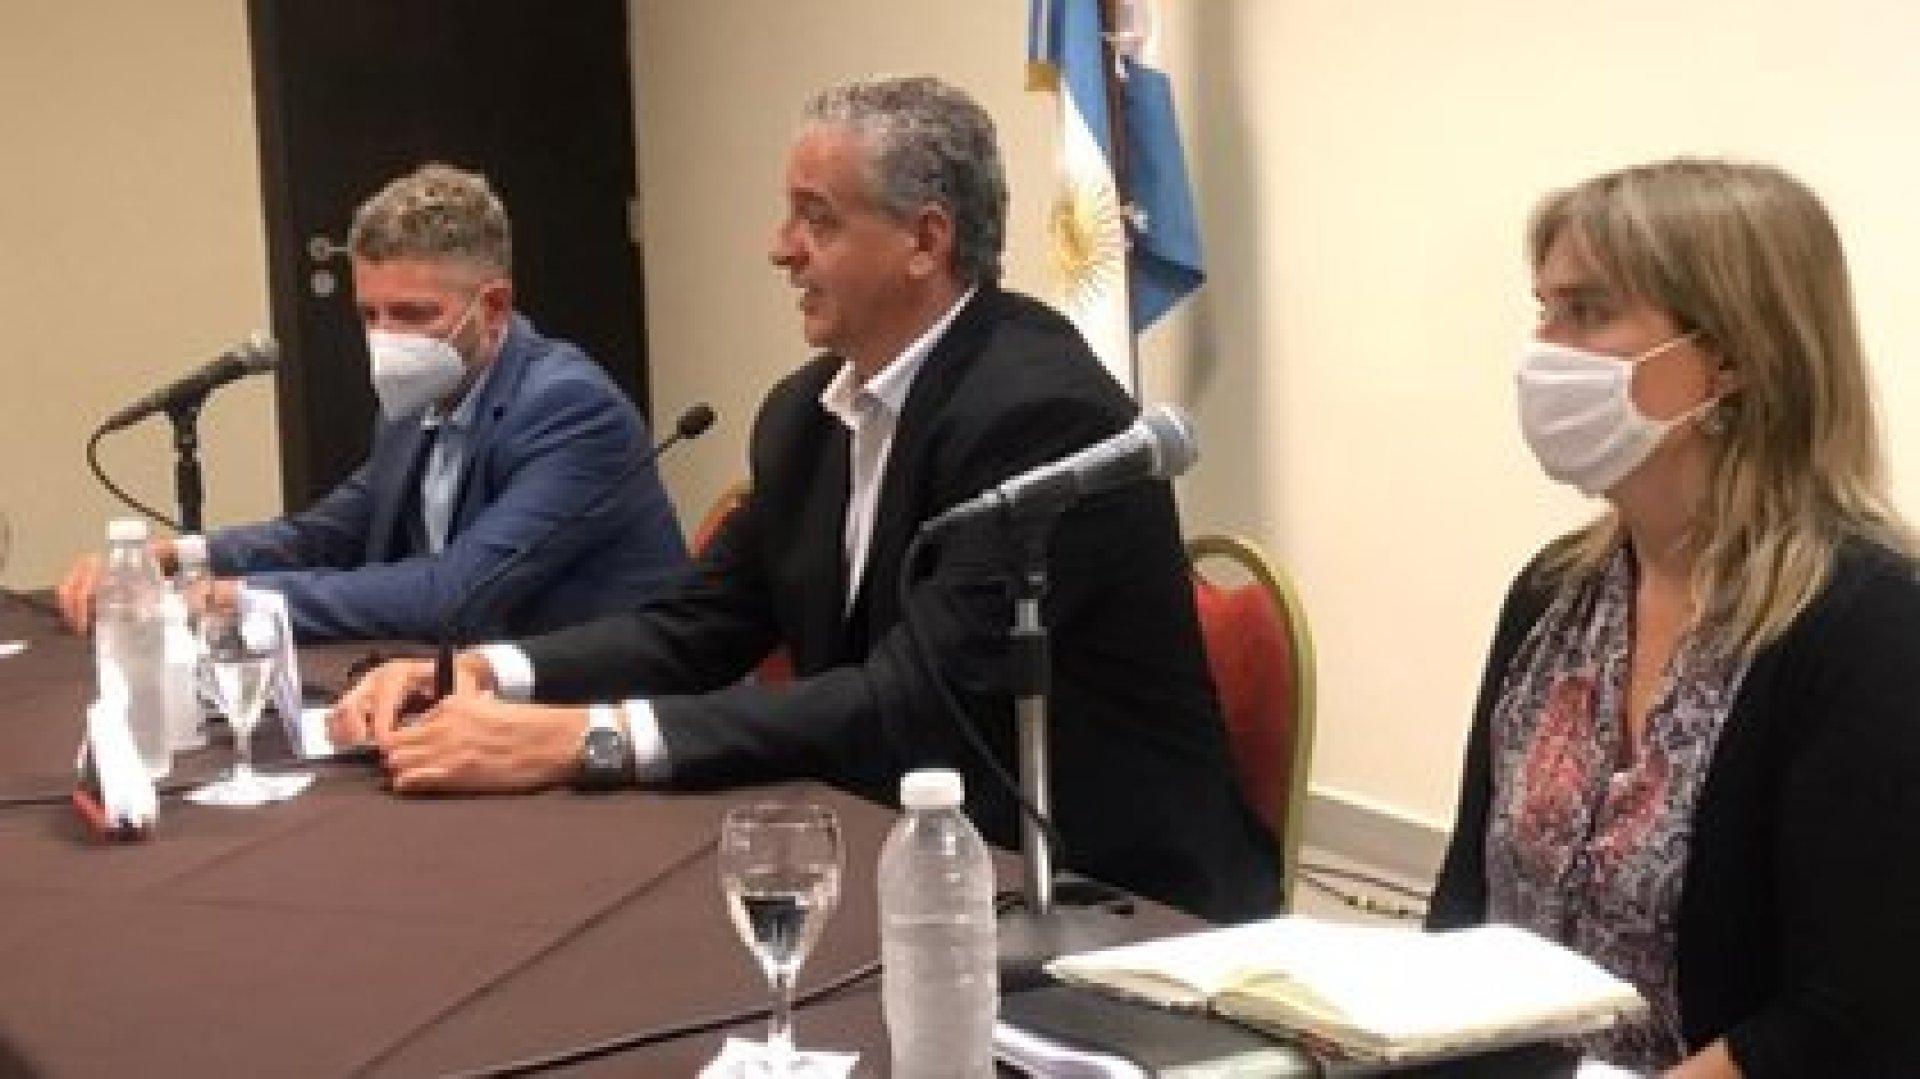 El secretario de Derechos Humanos, Horacio Pietragalla, desestimó las denuncias